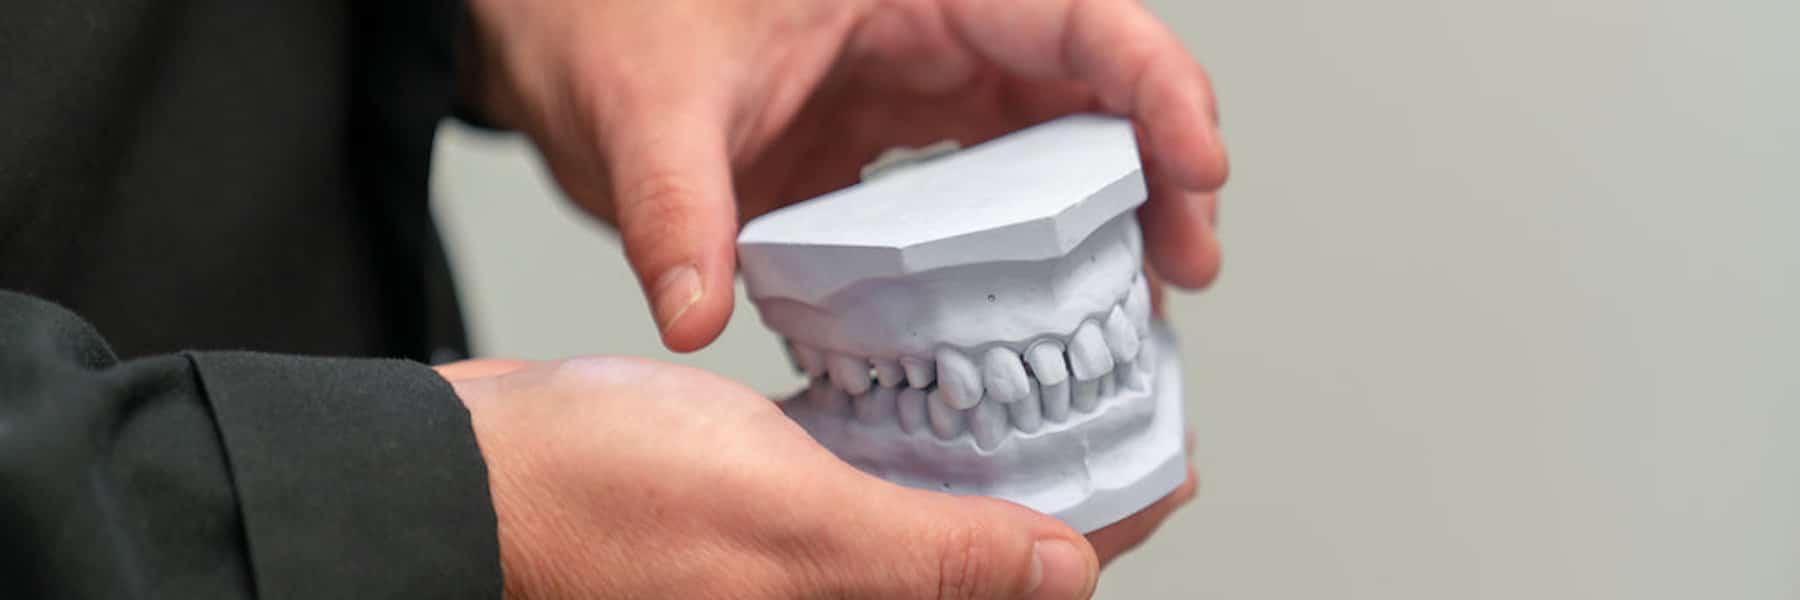 set of plastic teeth